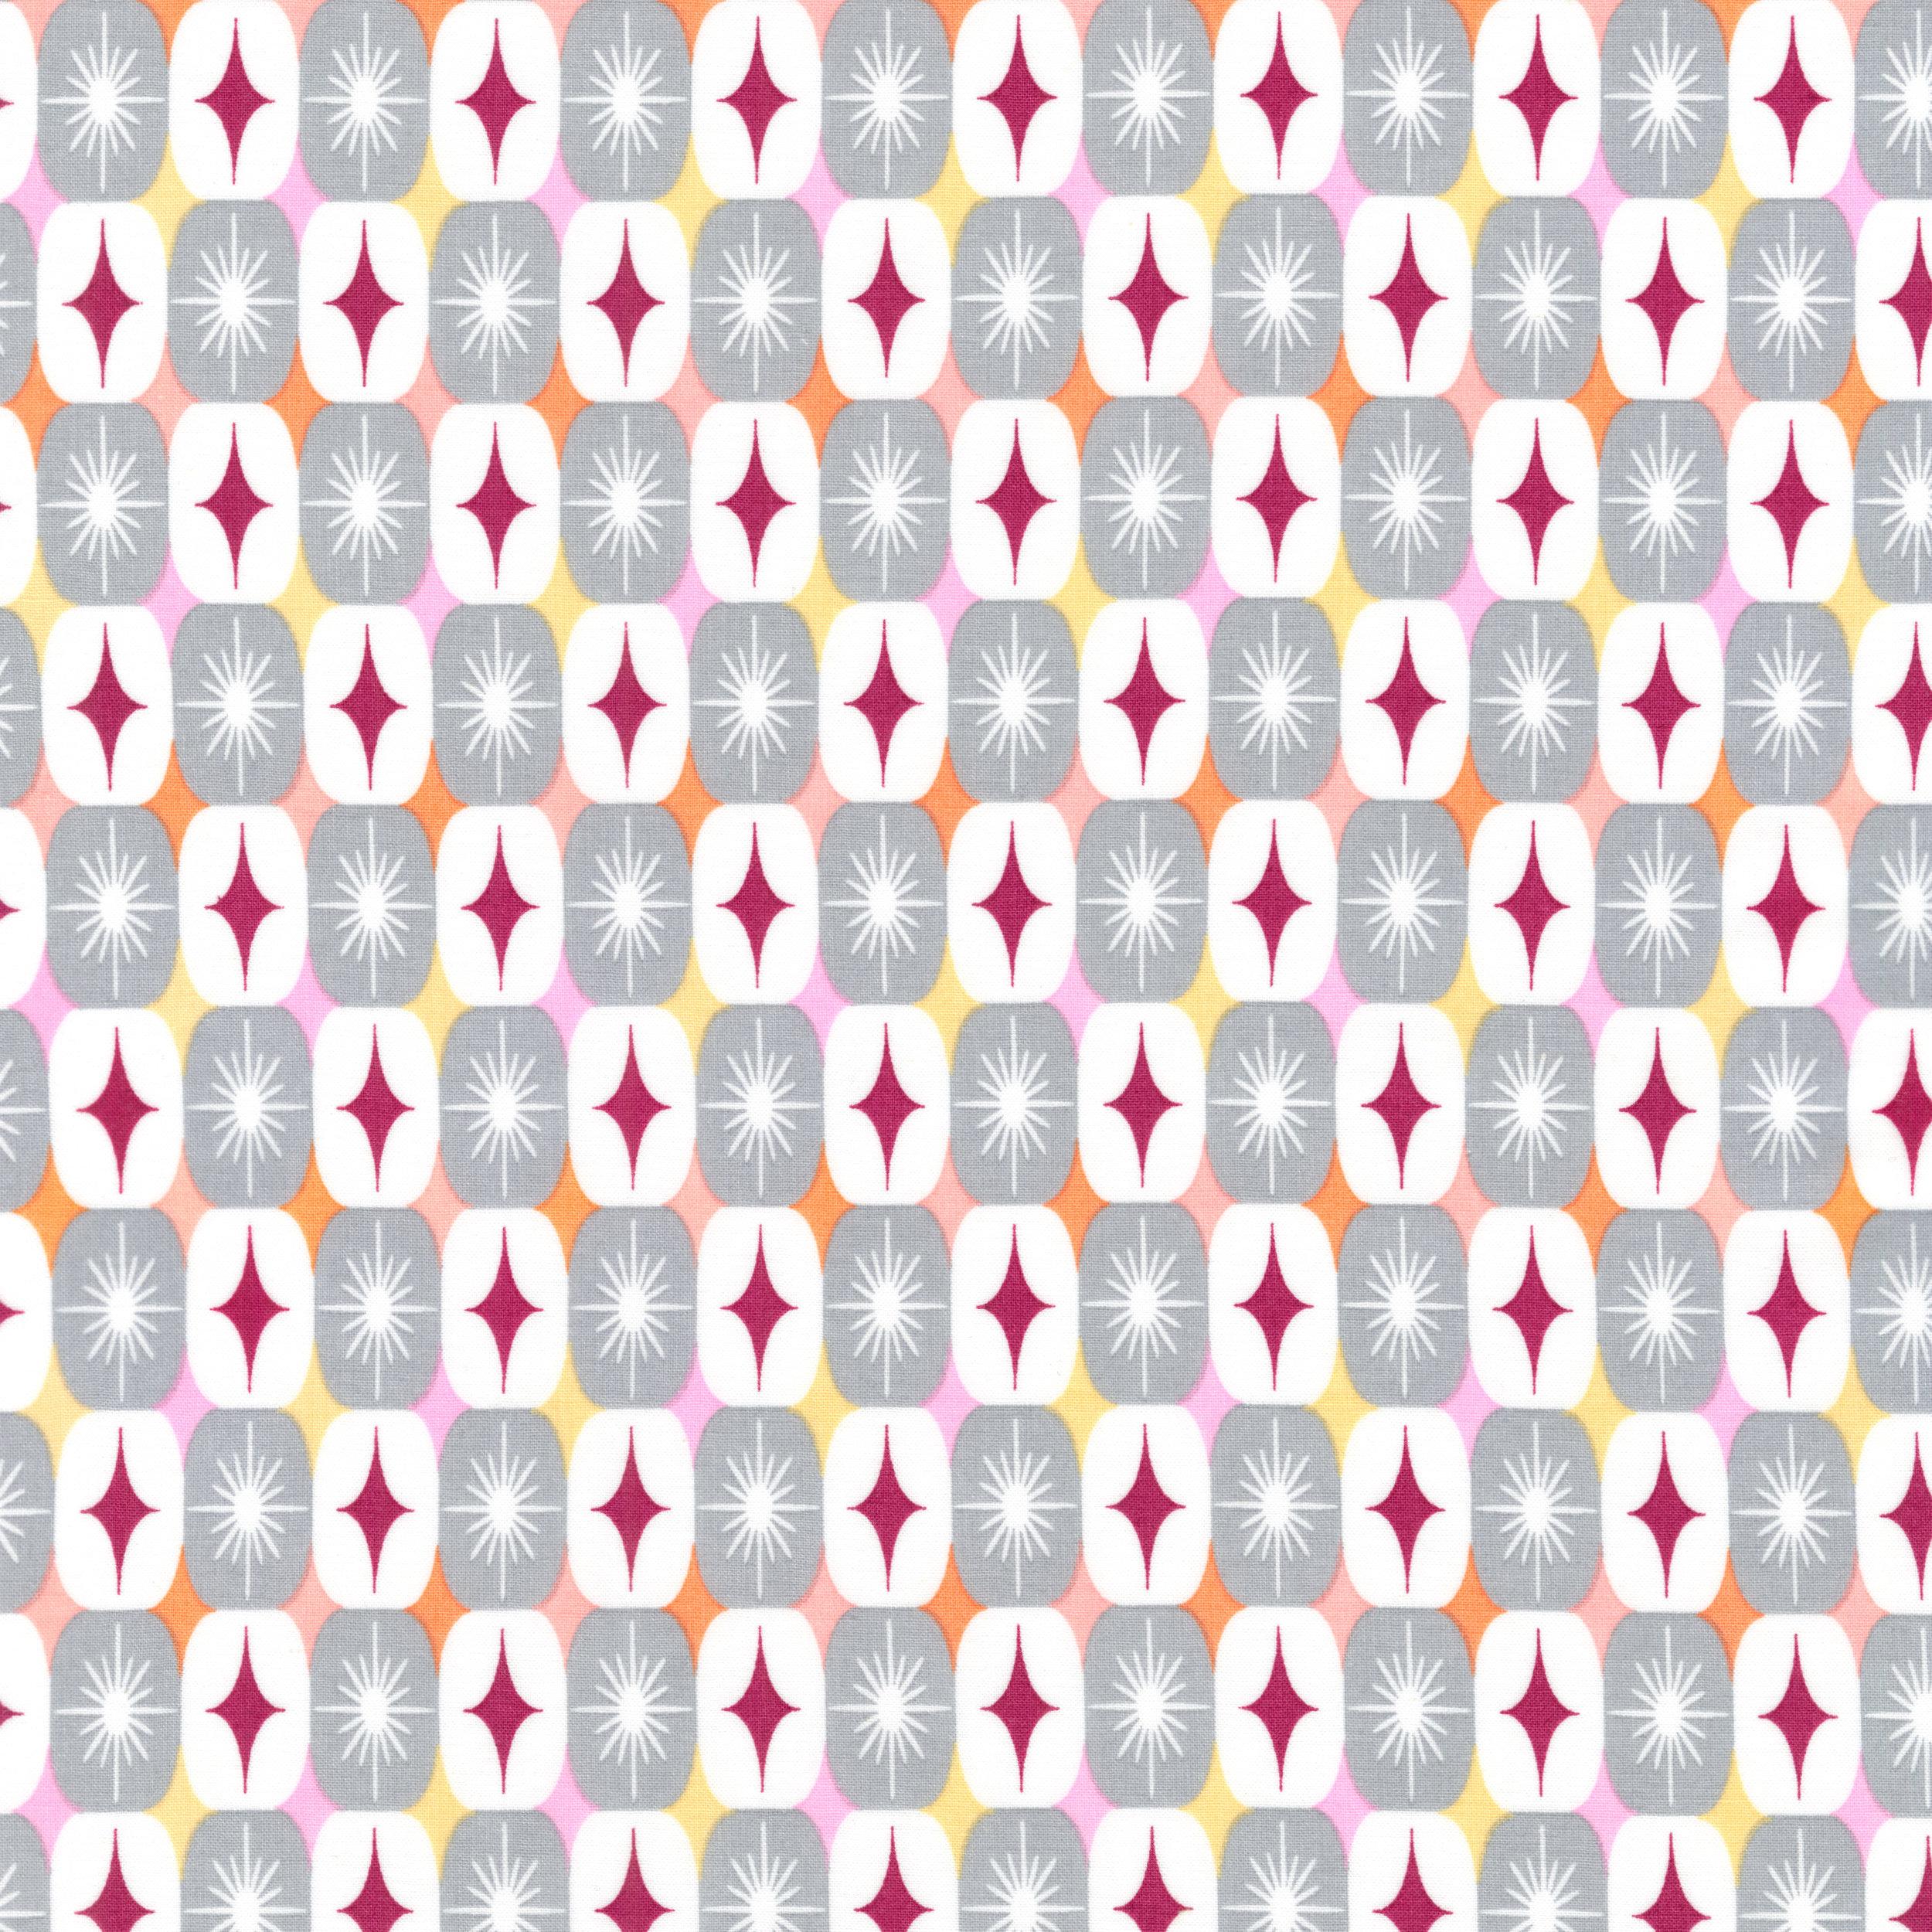 AVL-18154-287 Wallpaper SWEET